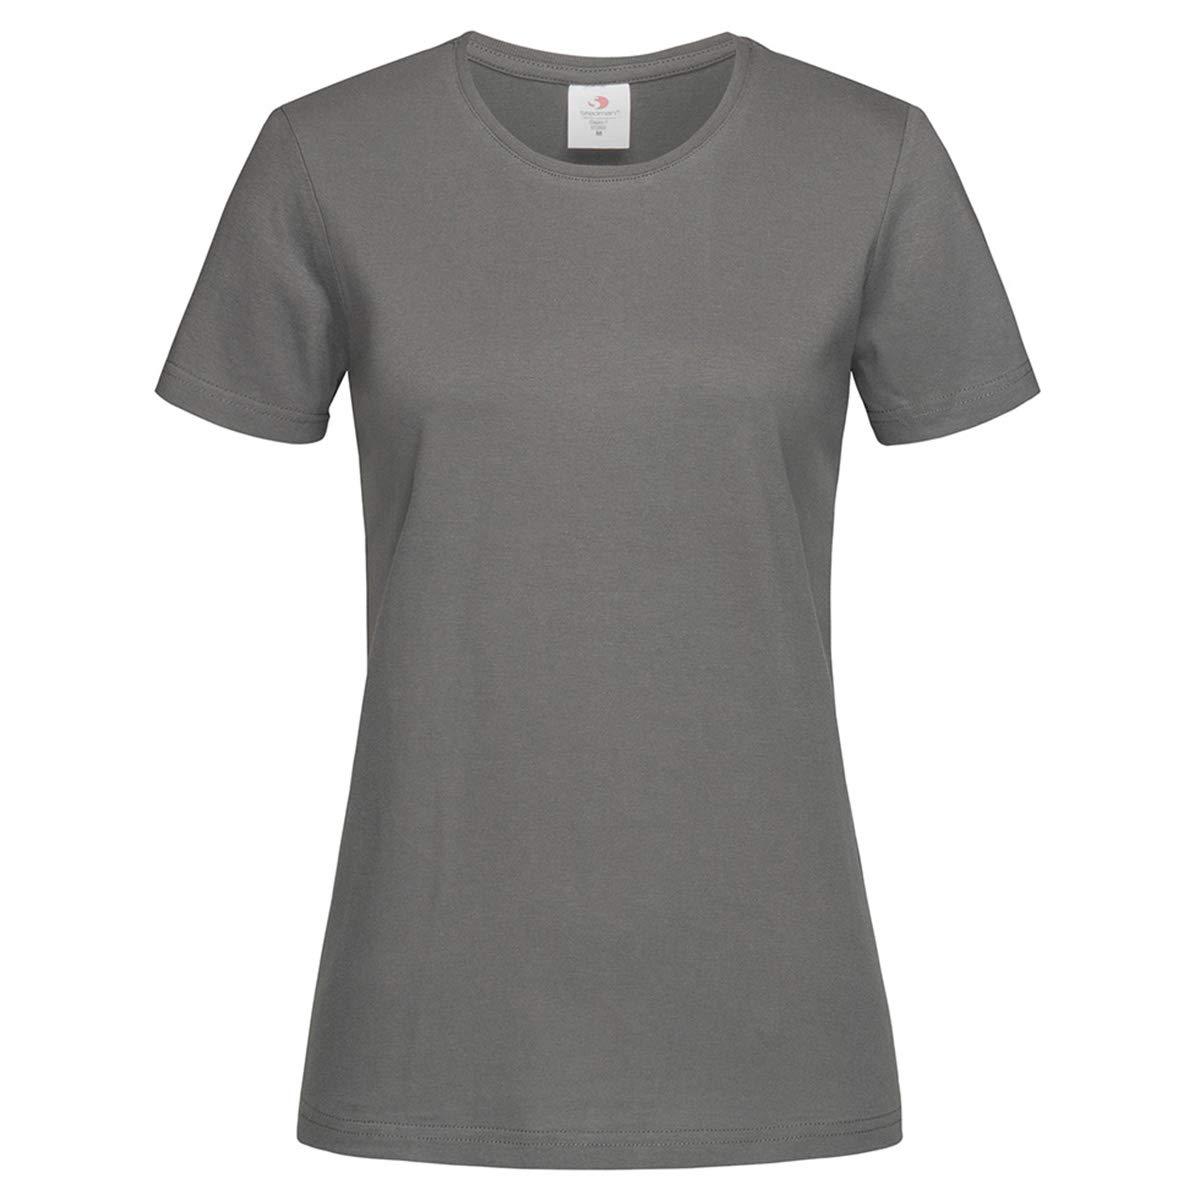 T-Shirt Maniche Corte Donna Maglietta da Lavoro Cotone Stedman Classic ST2600